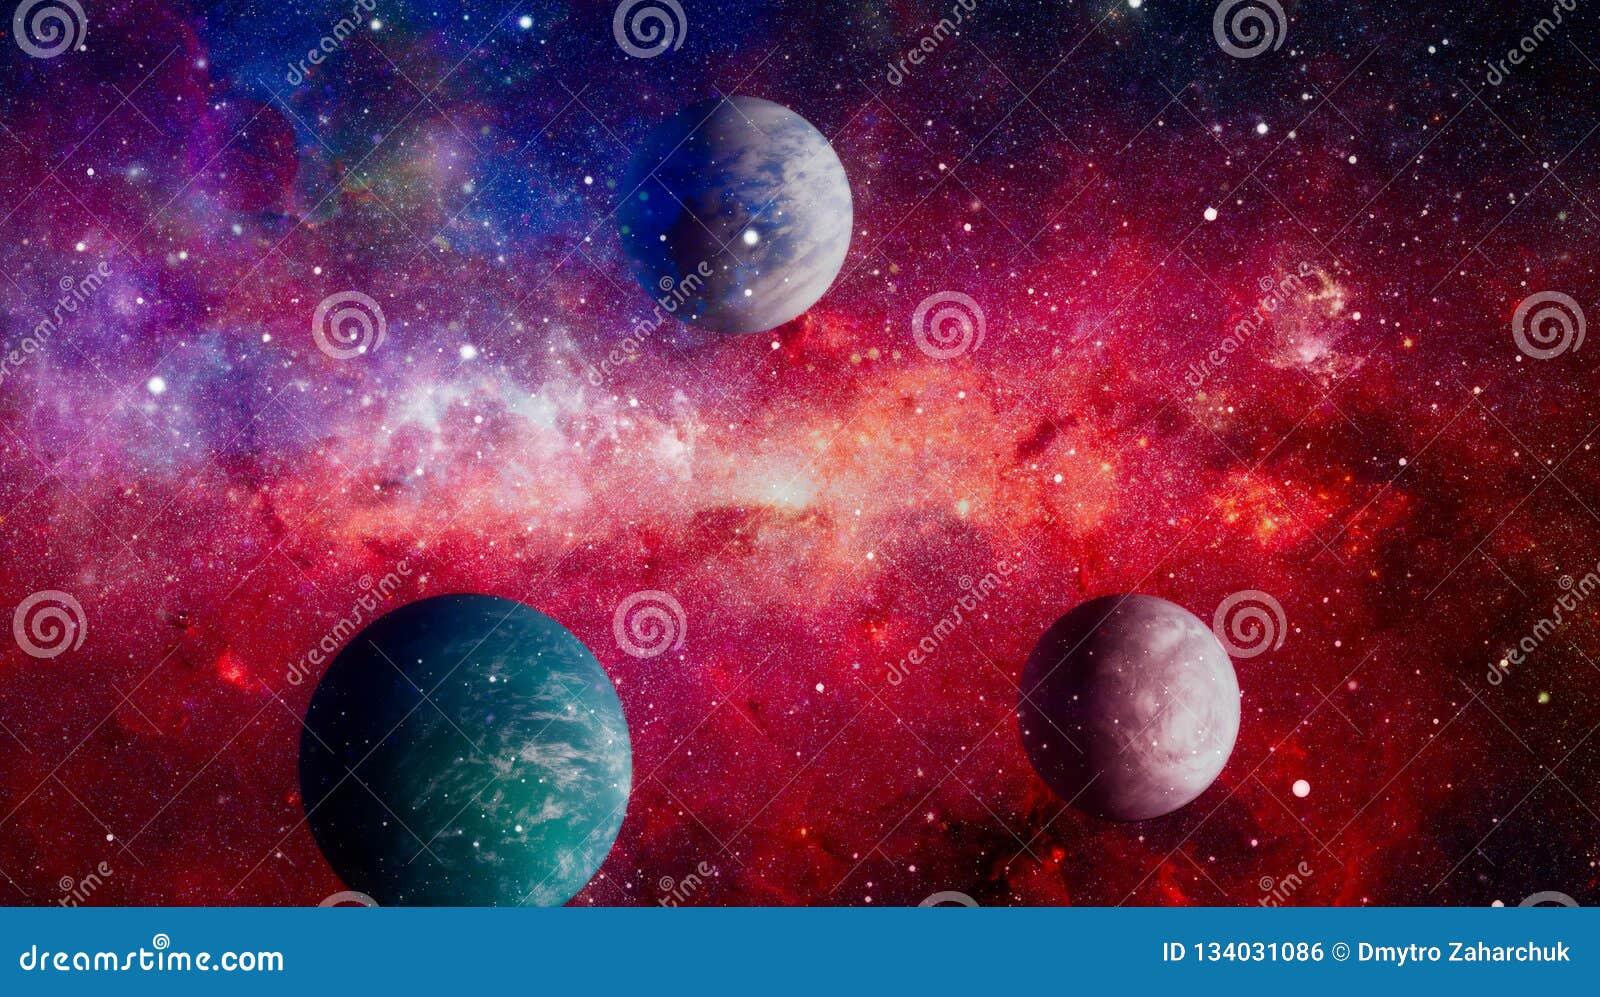 Planeter, stjärnor och galaxer i yttre rymd som visar skönheten av utforskning av rymden Beståndsdelar som möbleras av NASA